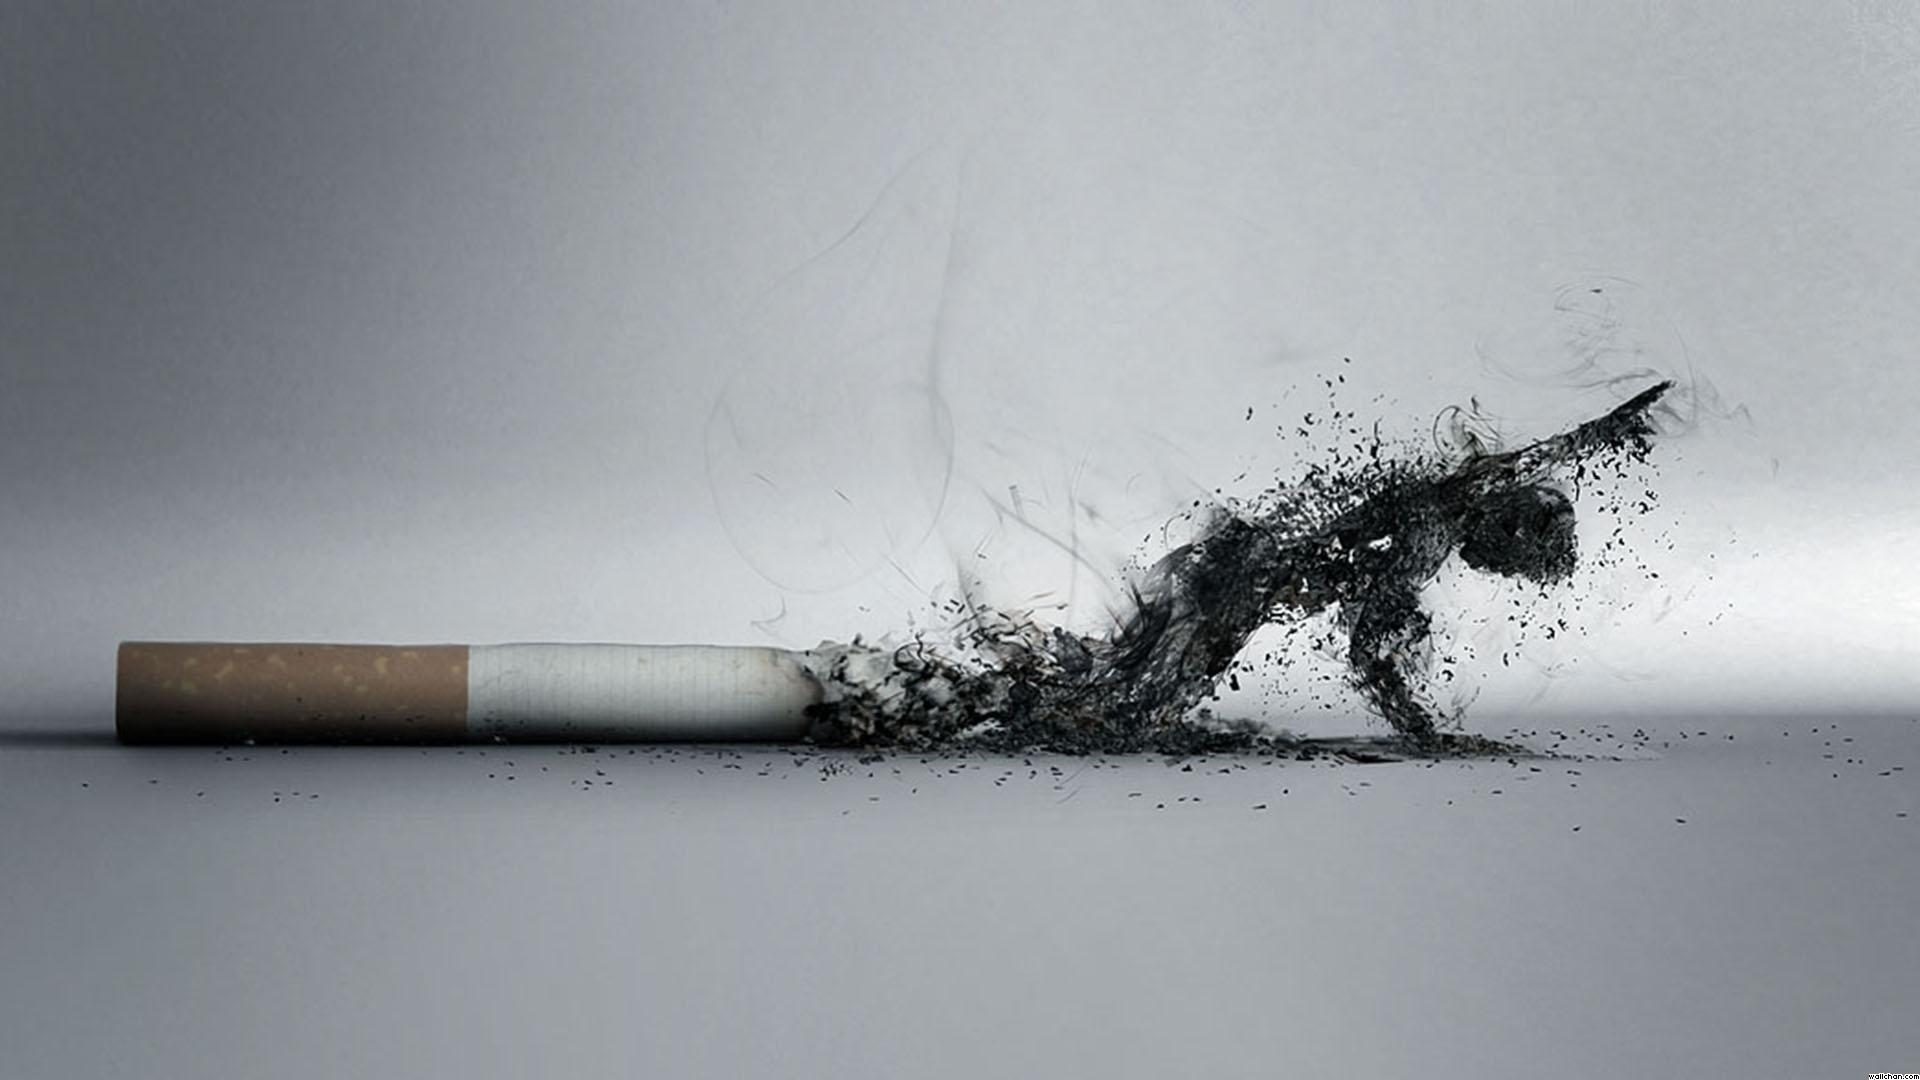 Hasil gambar untuk smoking